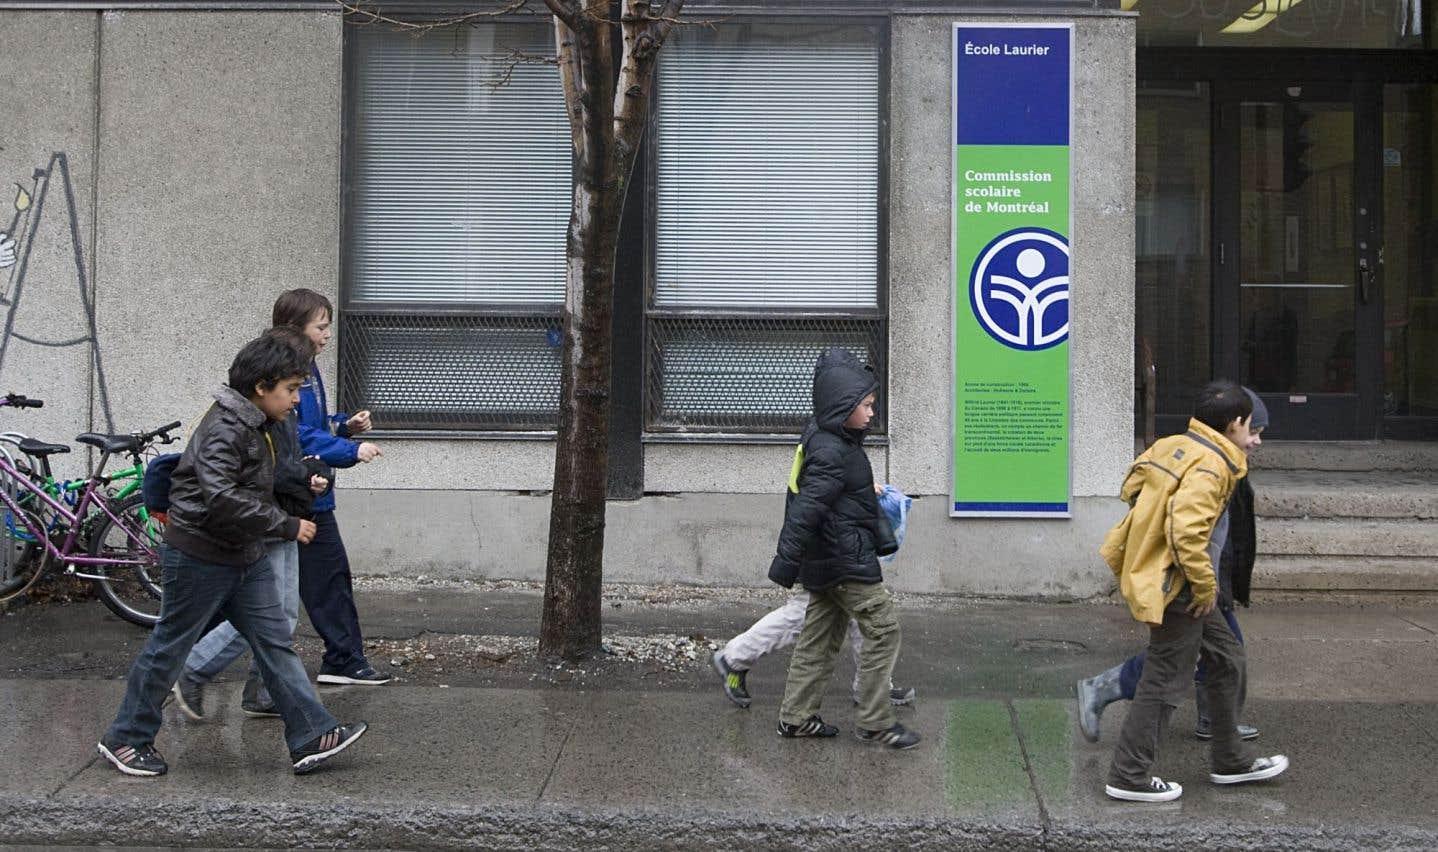 Québec penche désormais vers le maintien d'une forme de démocratie scolaire